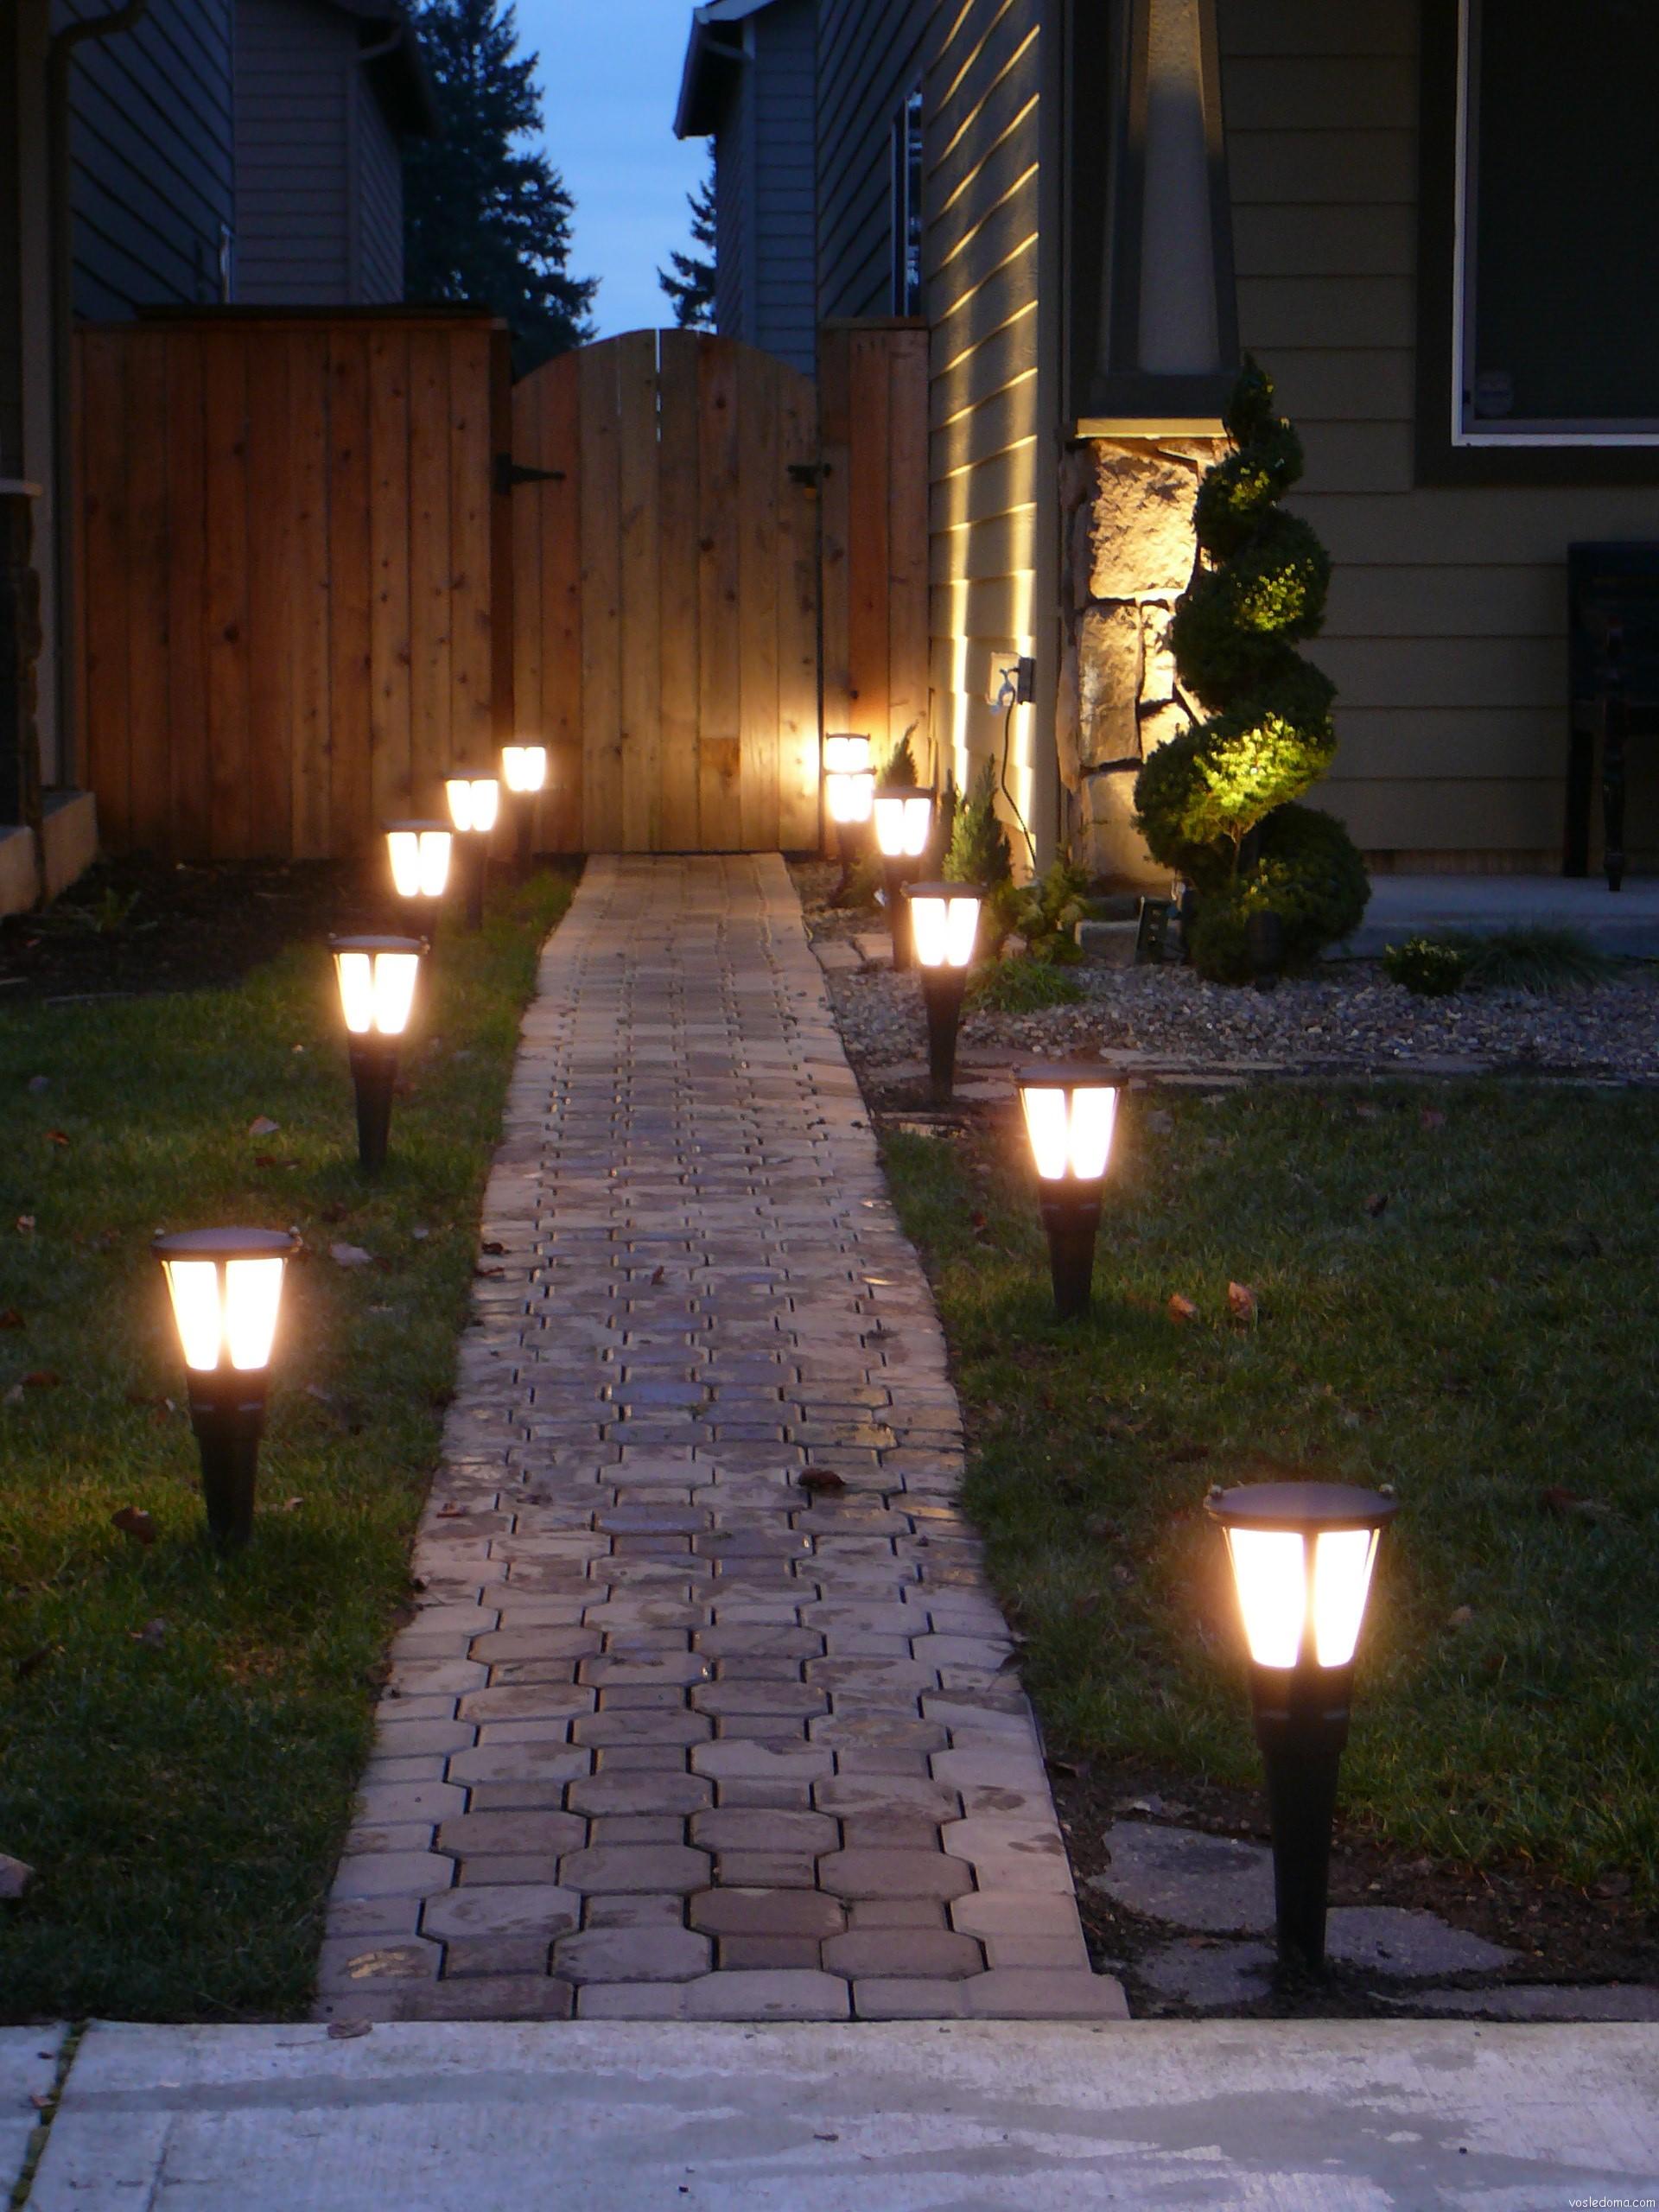 Невысокие фонари для освещения дорожки